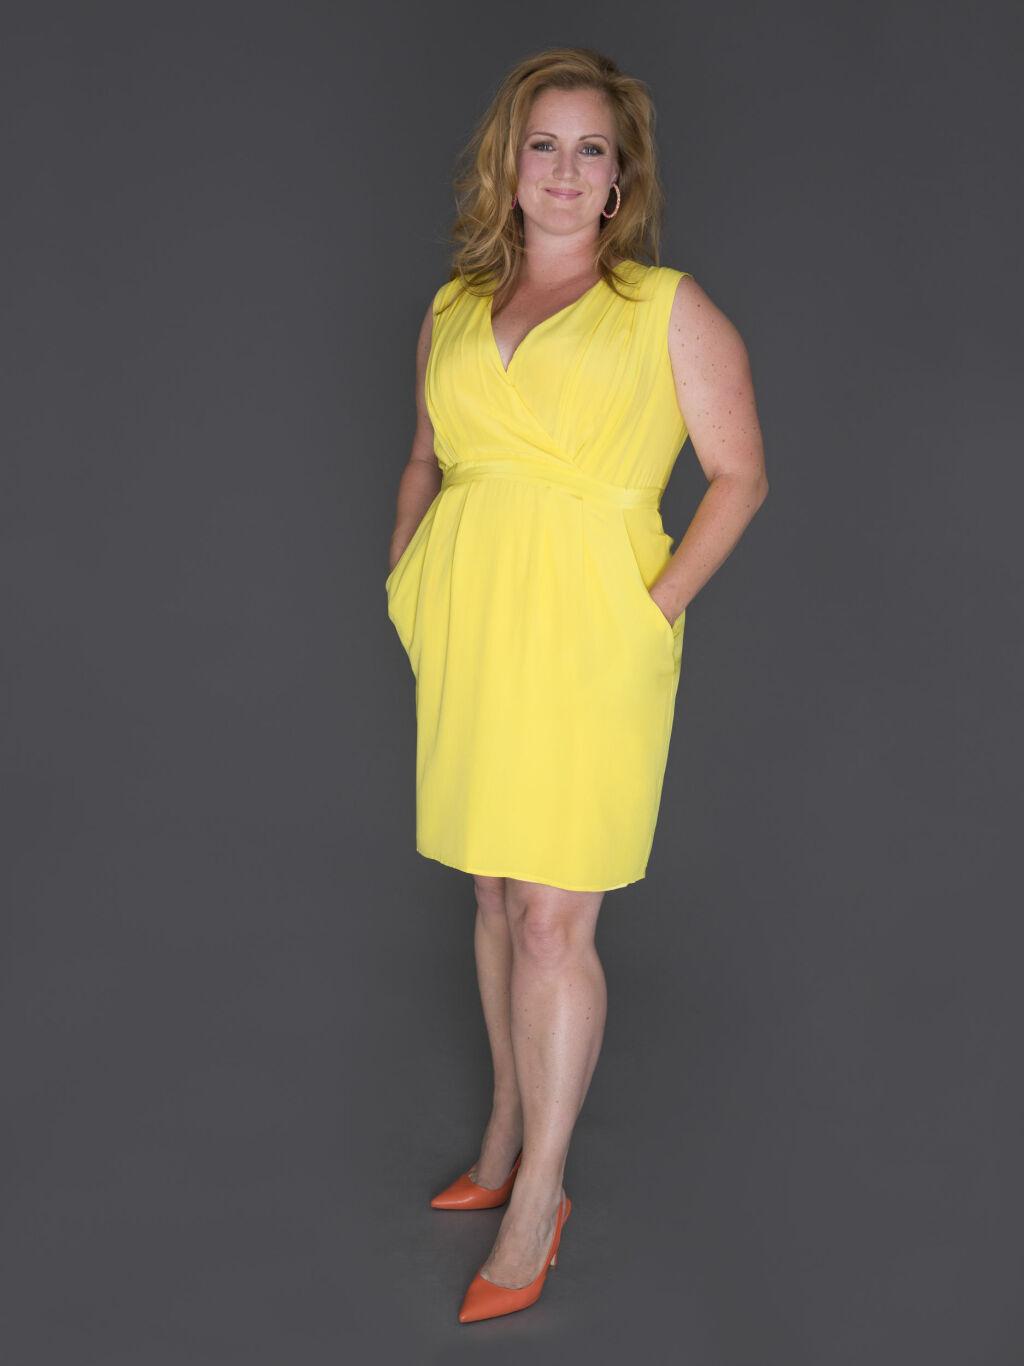 GLØDER: Etter forandringen mente Susannah at Siri Kristiansen er prikk lik Drew Barrymore.  Foto: FEM